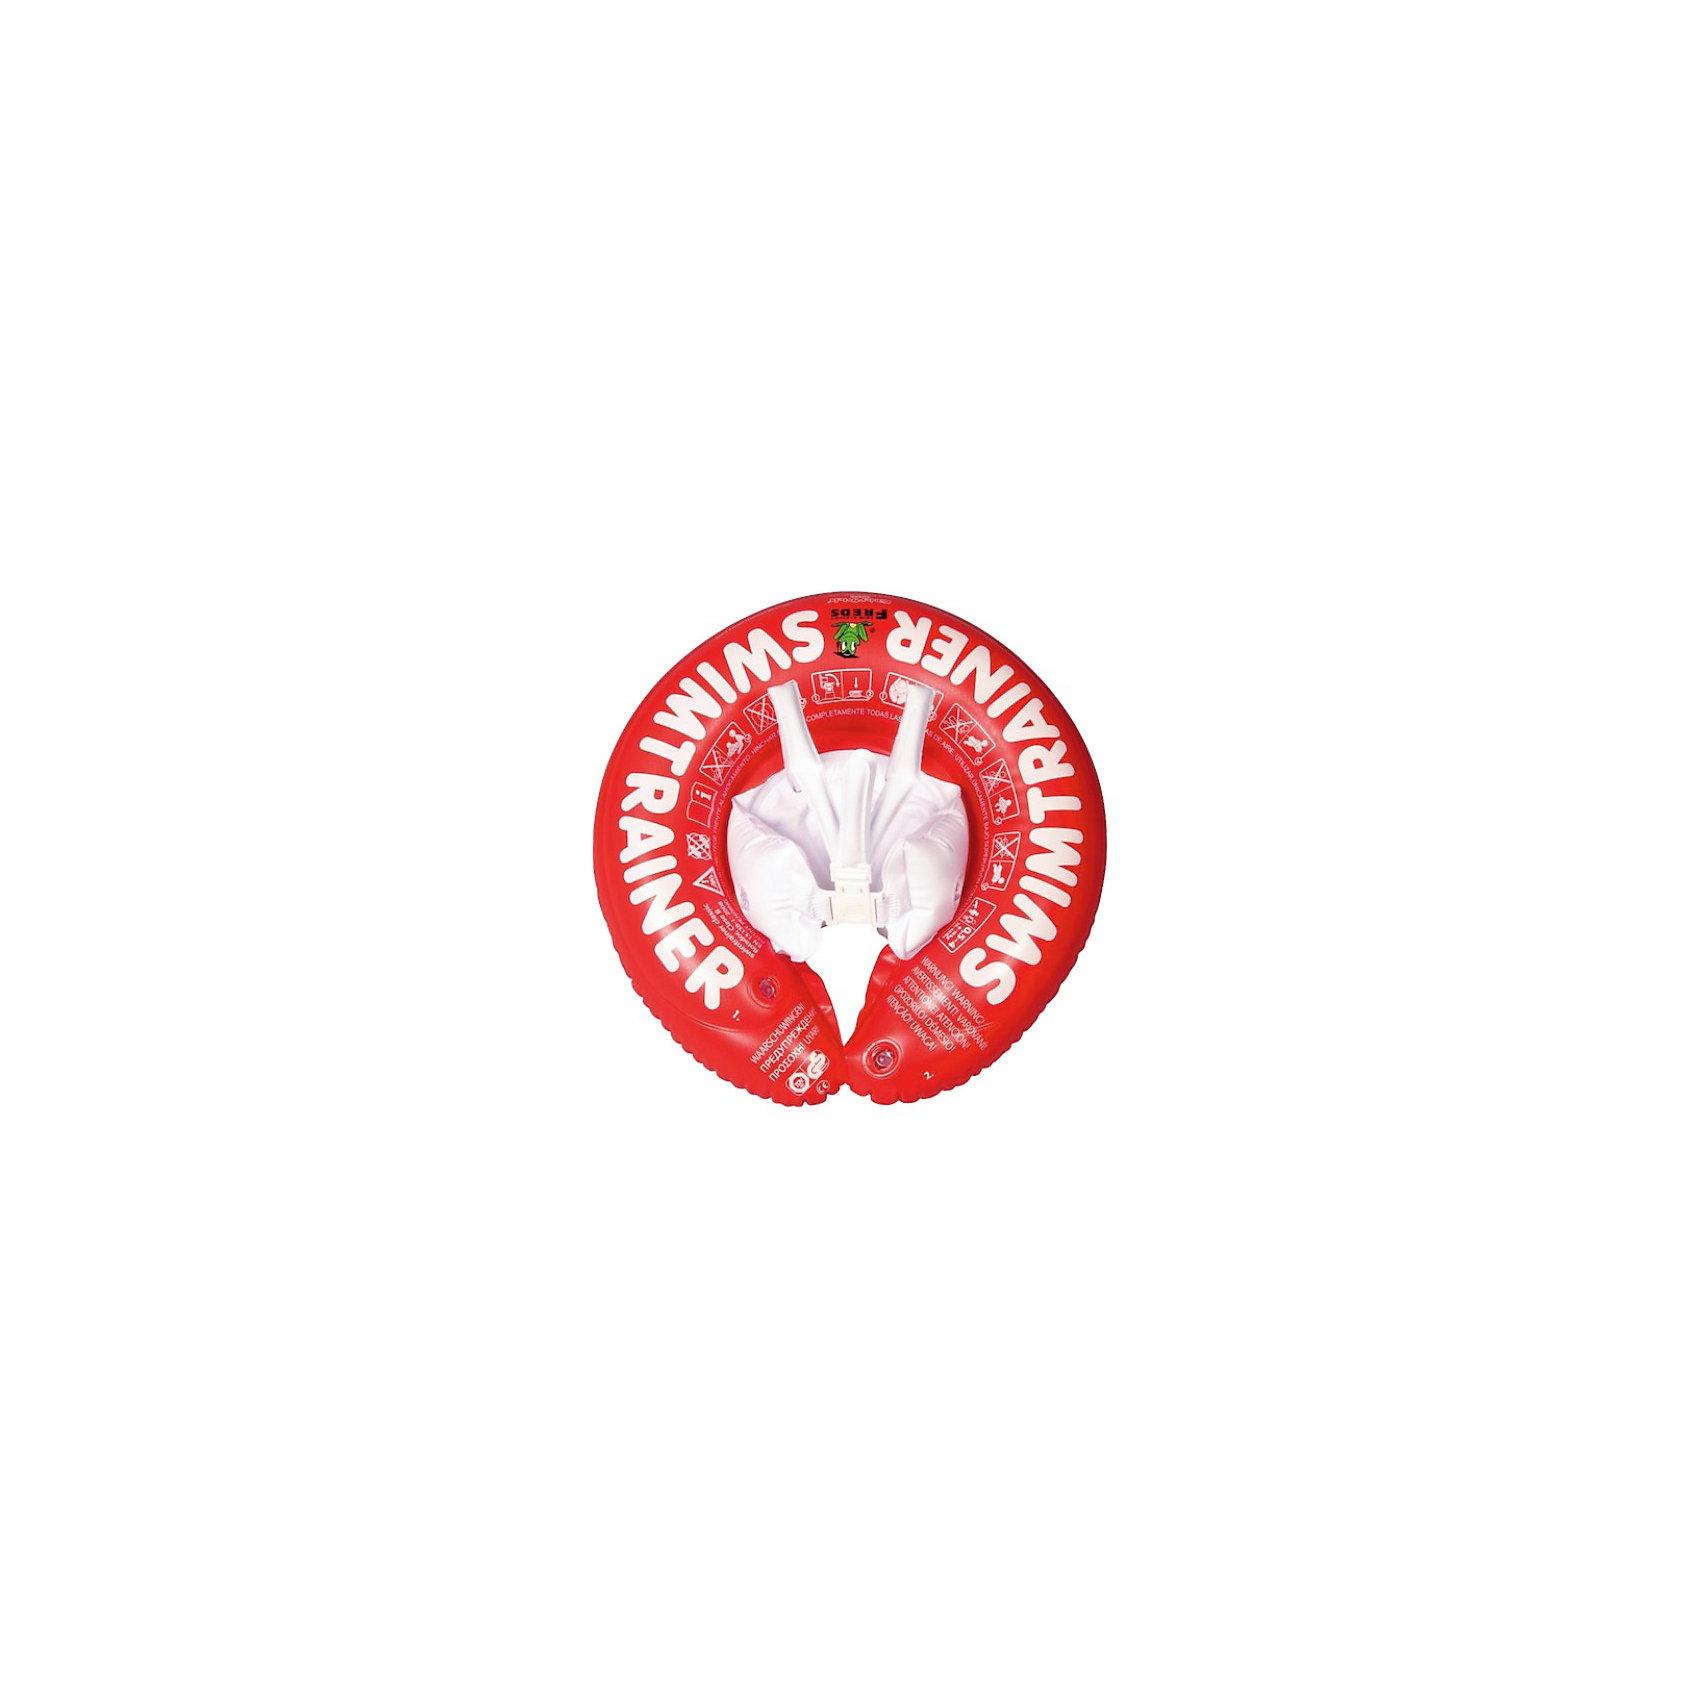 Swimtrainer  Надувной круг Classic, красныйКруг, который не только поддерживает на воде, но помогает учиться плавать Вашему ребенку!<br><br>Обучение плаванию малыша с 3 месяцев до 4 лет может начинать с красного круга SWIMTRAINER Classic. Он предназначен для раннего привыкания к воде, запоминания горизонтального положения тела, закрепления врождённого лягушачьего рефлекса. Красный круг наиболее плавуч из всех остальных кругов за счёт большего объёма надувных камер (так как начинающим маленьким пловцам требуется большая поддержка).<br><br>Особенности  круга Swimtrainer Classic:<br><br>- обеспечивает идеальную плавательную позу, избегая вертикального положения ребёнка в воде; <br>- снабжен надувными камерами, устраняющими скольжение ребёнка в круге; <br>- имеет быстрые зажимы для простоты и надёжности фиксации круга на малыше; <br>-имеет регулируемые надувные лямки, которые не дадут ребёнку чрезмерно наклоняться вперёд (хлебать воду) или перевернуться в круге. <br> <br>Дополнительная информация:<br><br>- Материал: ПВХ.<br>- Цвет: красный.<br>- Диаметр: ок. 42 см.<br>- Круг регулируется по размеру, благодаря наличию нескольких надувных камер.<br><br>Ширина мм: 224<br>Глубина мм: 193<br>Высота мм: 45<br>Вес г: 401<br>Возраст от месяцев: 3<br>Возраст до месяцев: 48<br>Пол: Унисекс<br>Возраст: Детский<br>SKU: 2109583